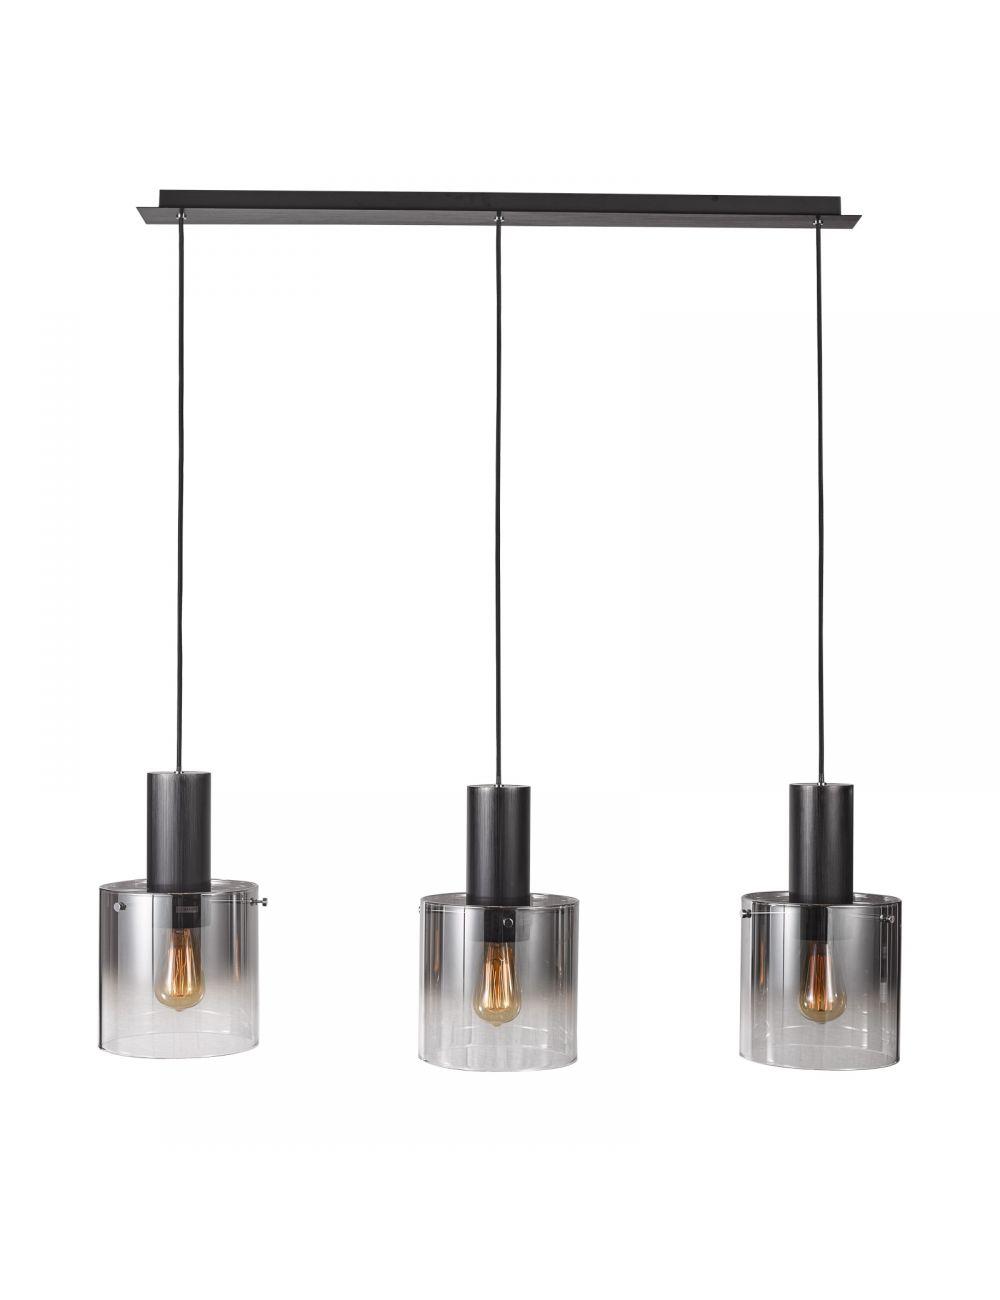 Lampa wisząca nowoczesna szklana Javier czarna 3 Italux MD17076-3B BK